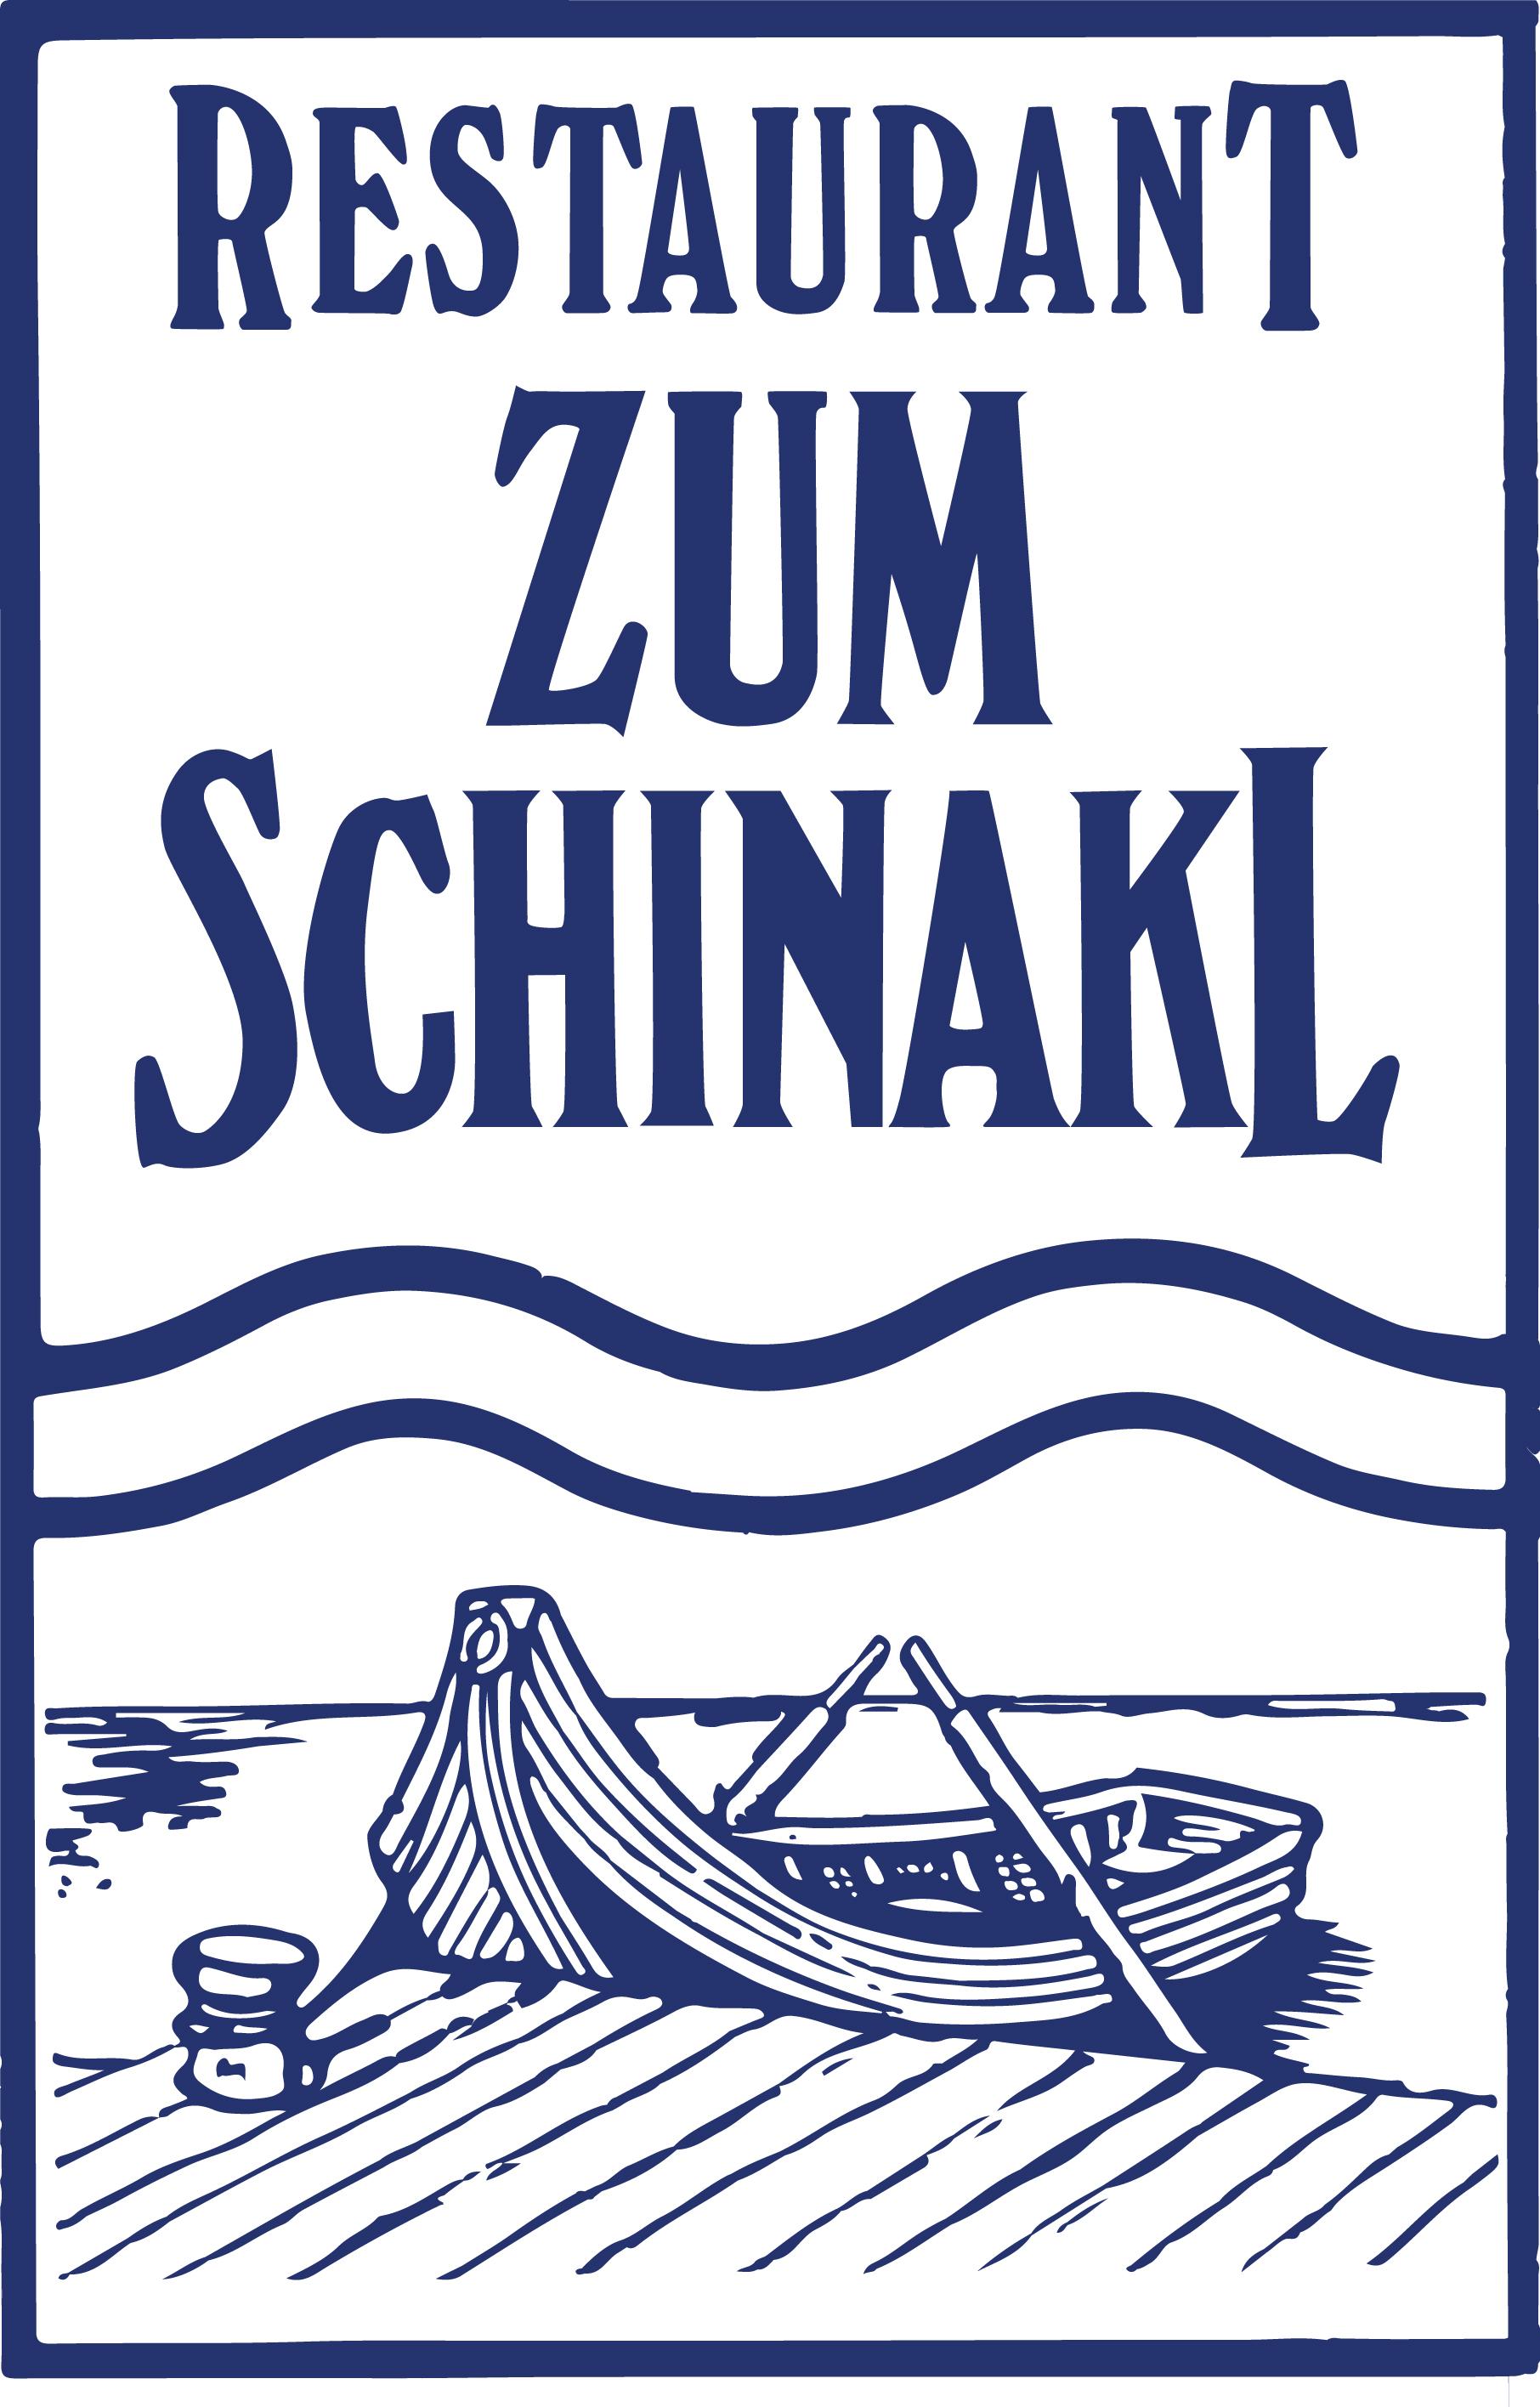 Zum Schinakl